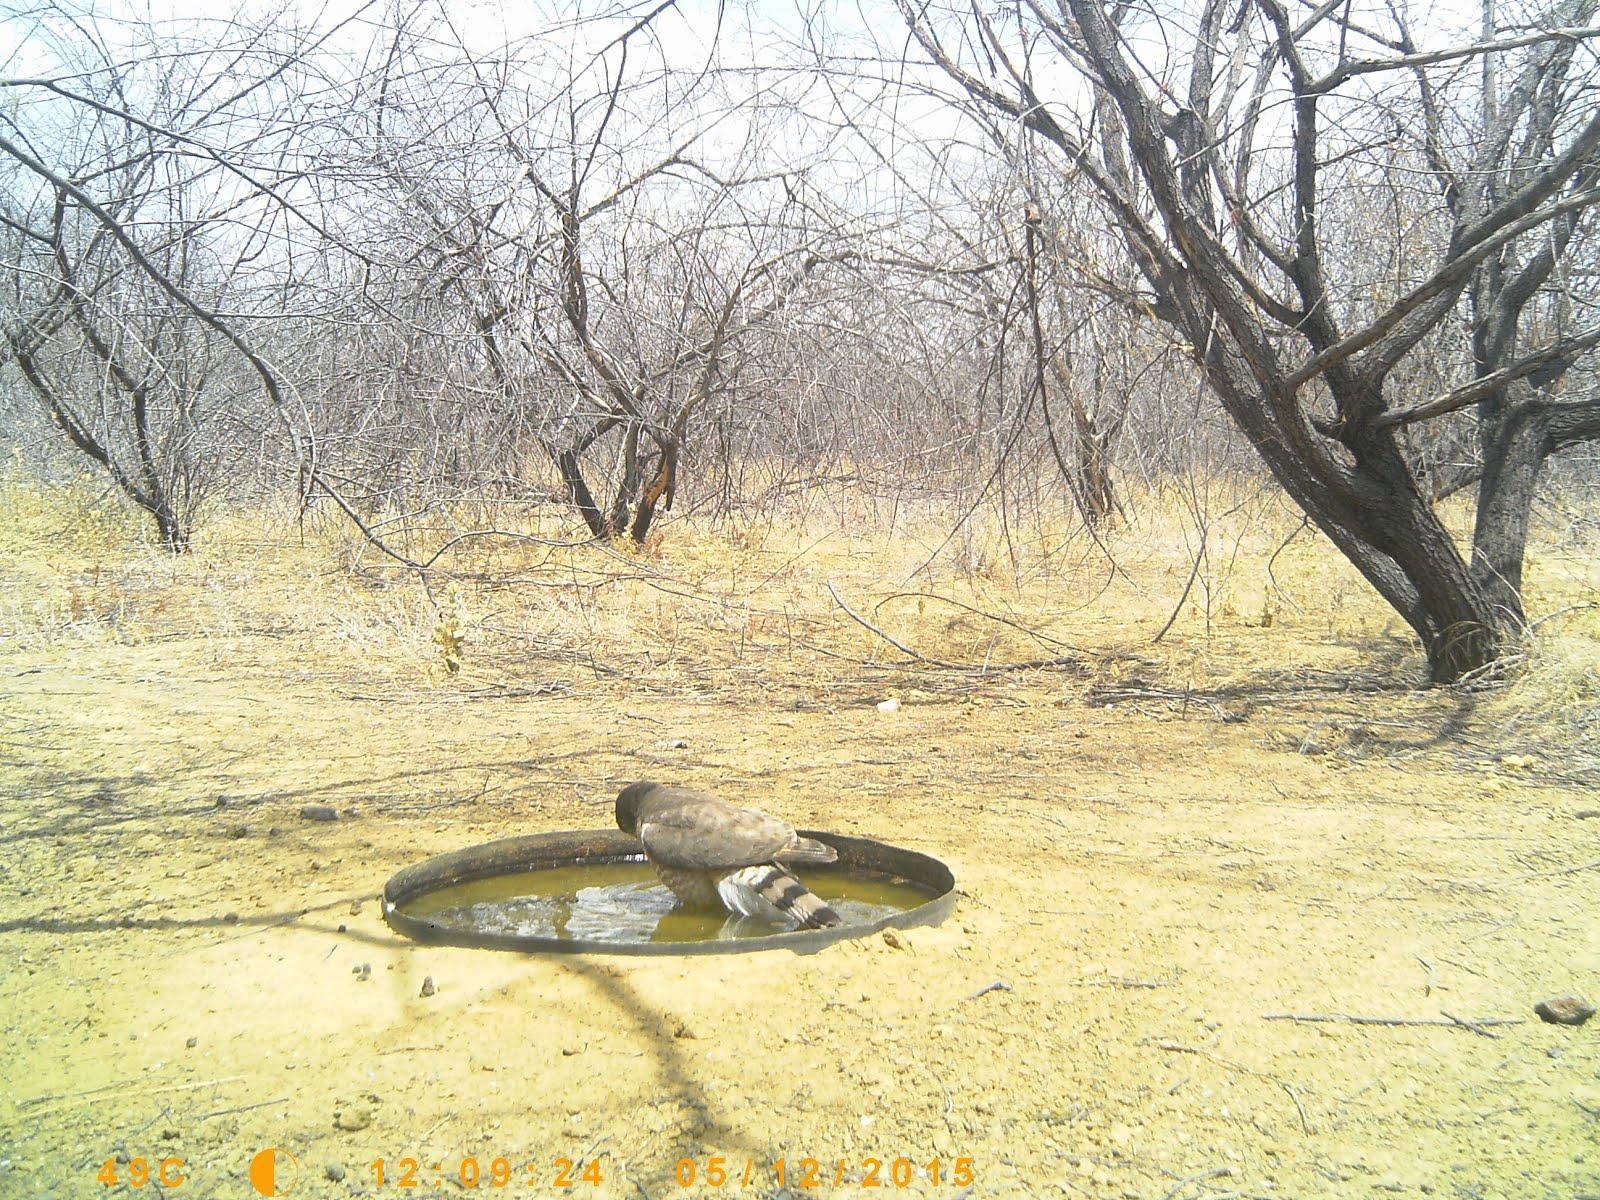 Um gavião tomando banho